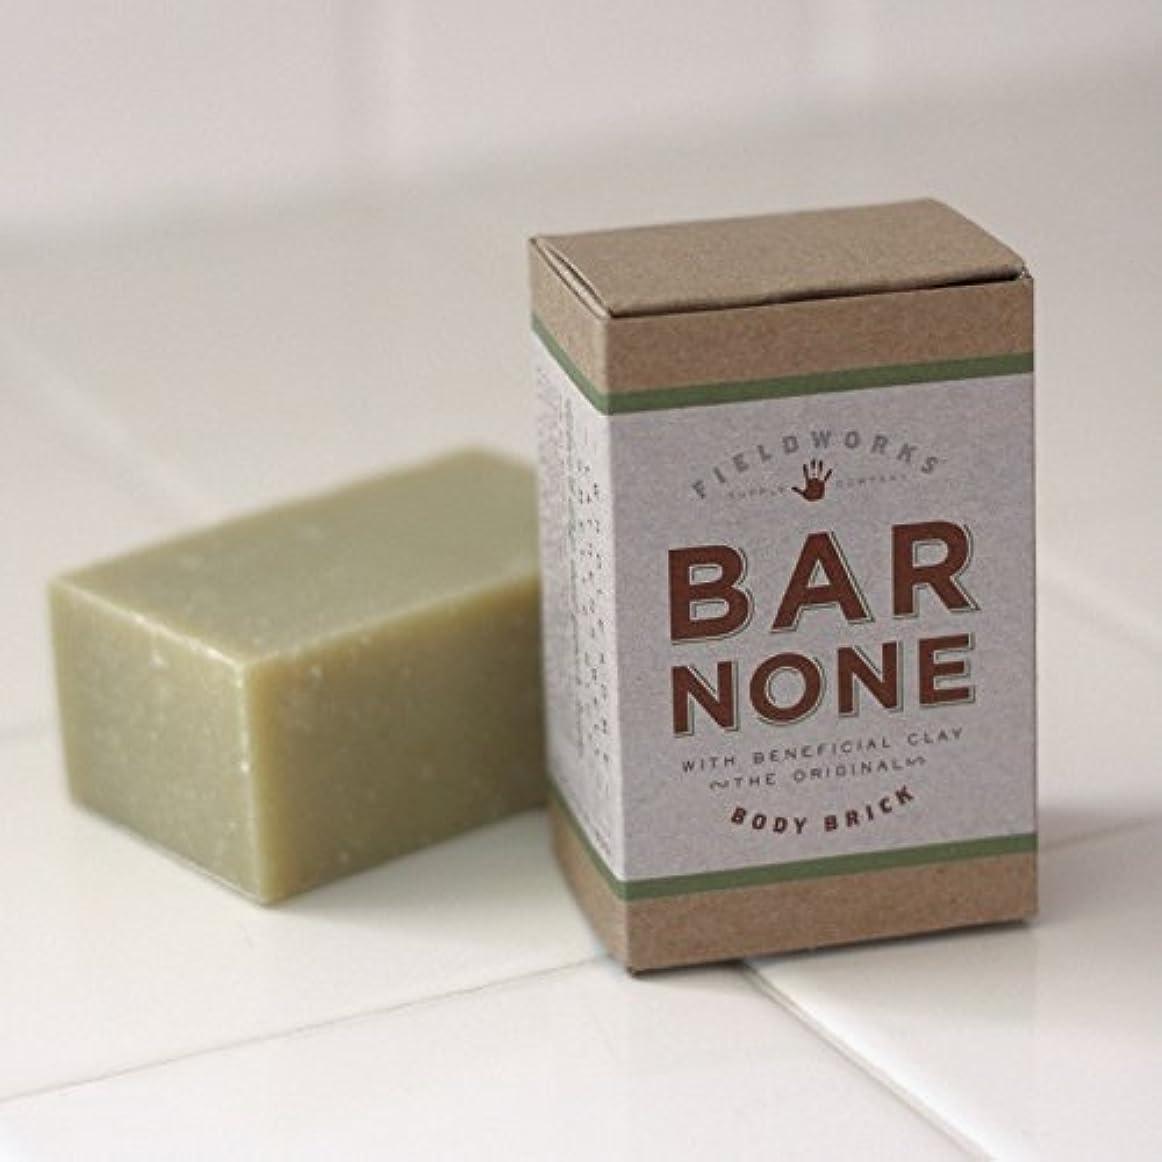 供給北西ミサイルBar None Body and Shampoo Brick With Beneficial Bentonite Clay Mens Organic Soap by Fieldworks